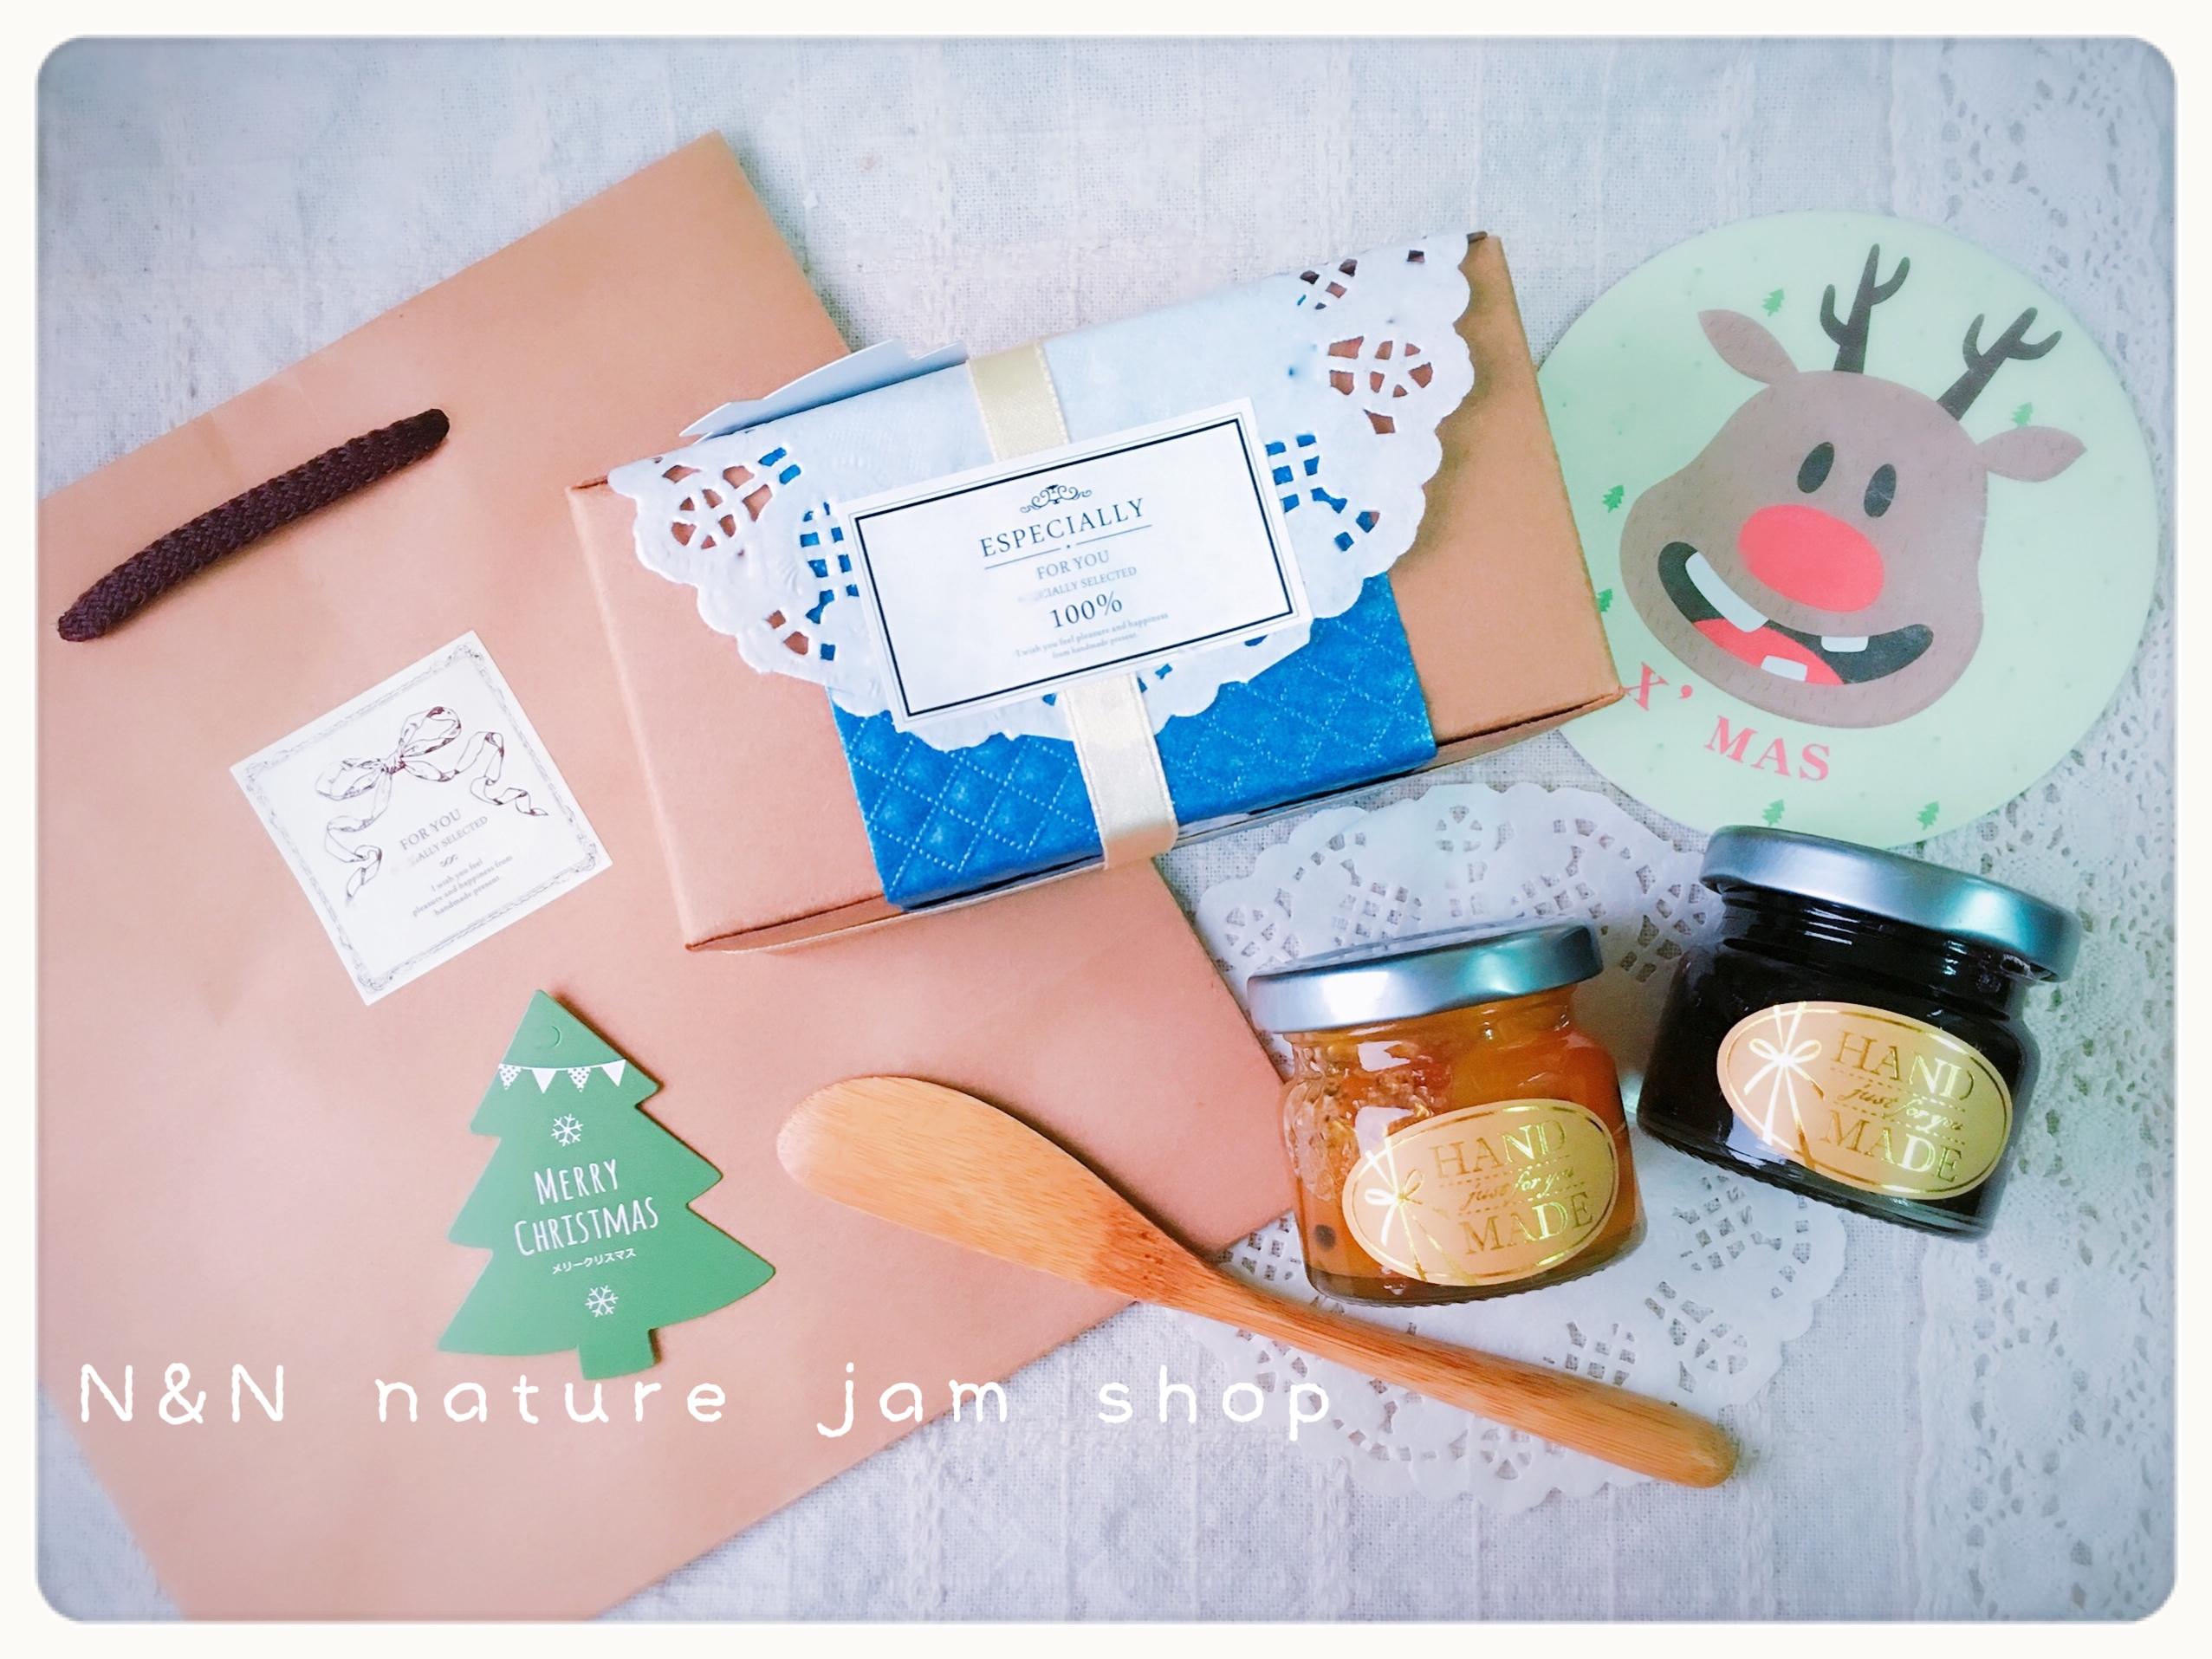 N&N天然手工果醬小舖**「雙巧果醬組」** 聖誕款(50ml兩瓶裝+精緻木製塗刀)附紙袋&聖誕杯墊卡